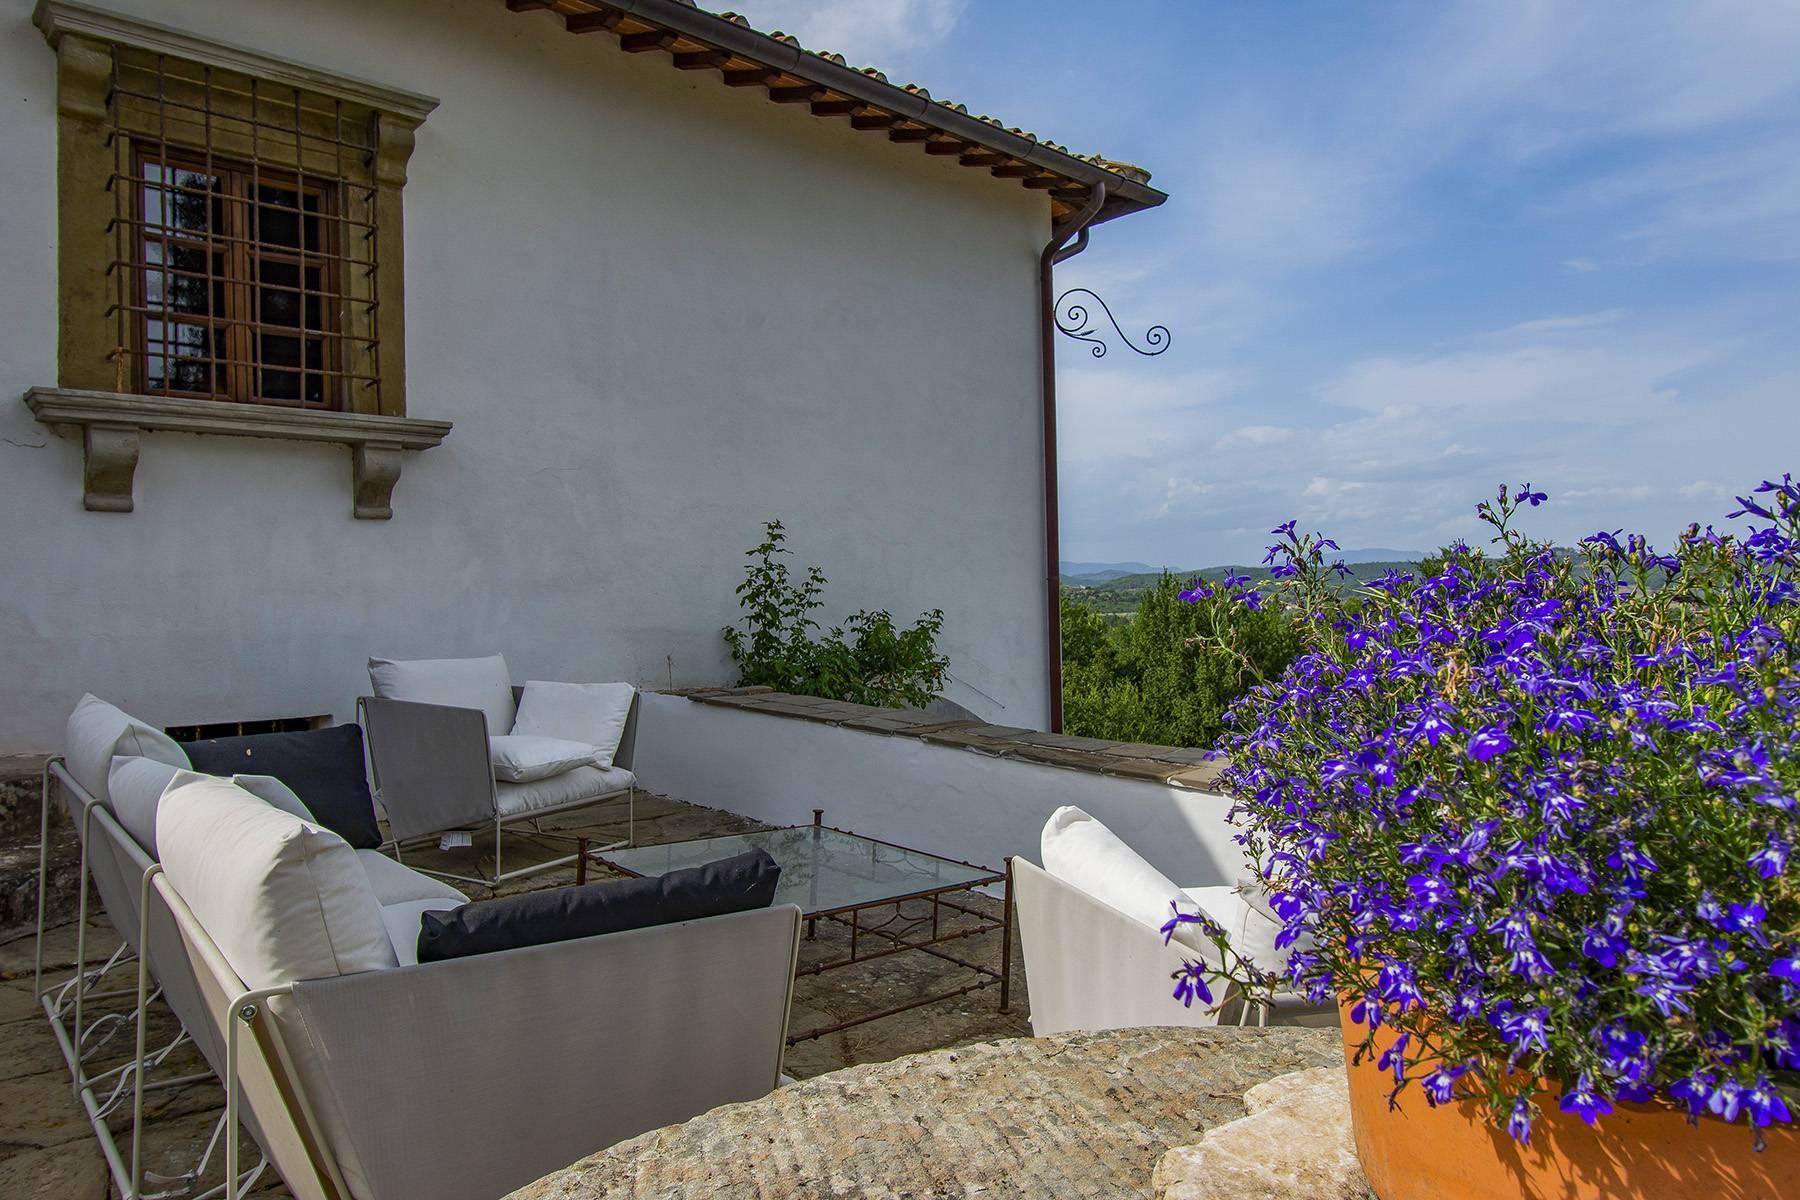 Panorama-Renaissance-Villa mit Garten im italienischen Stil - 35